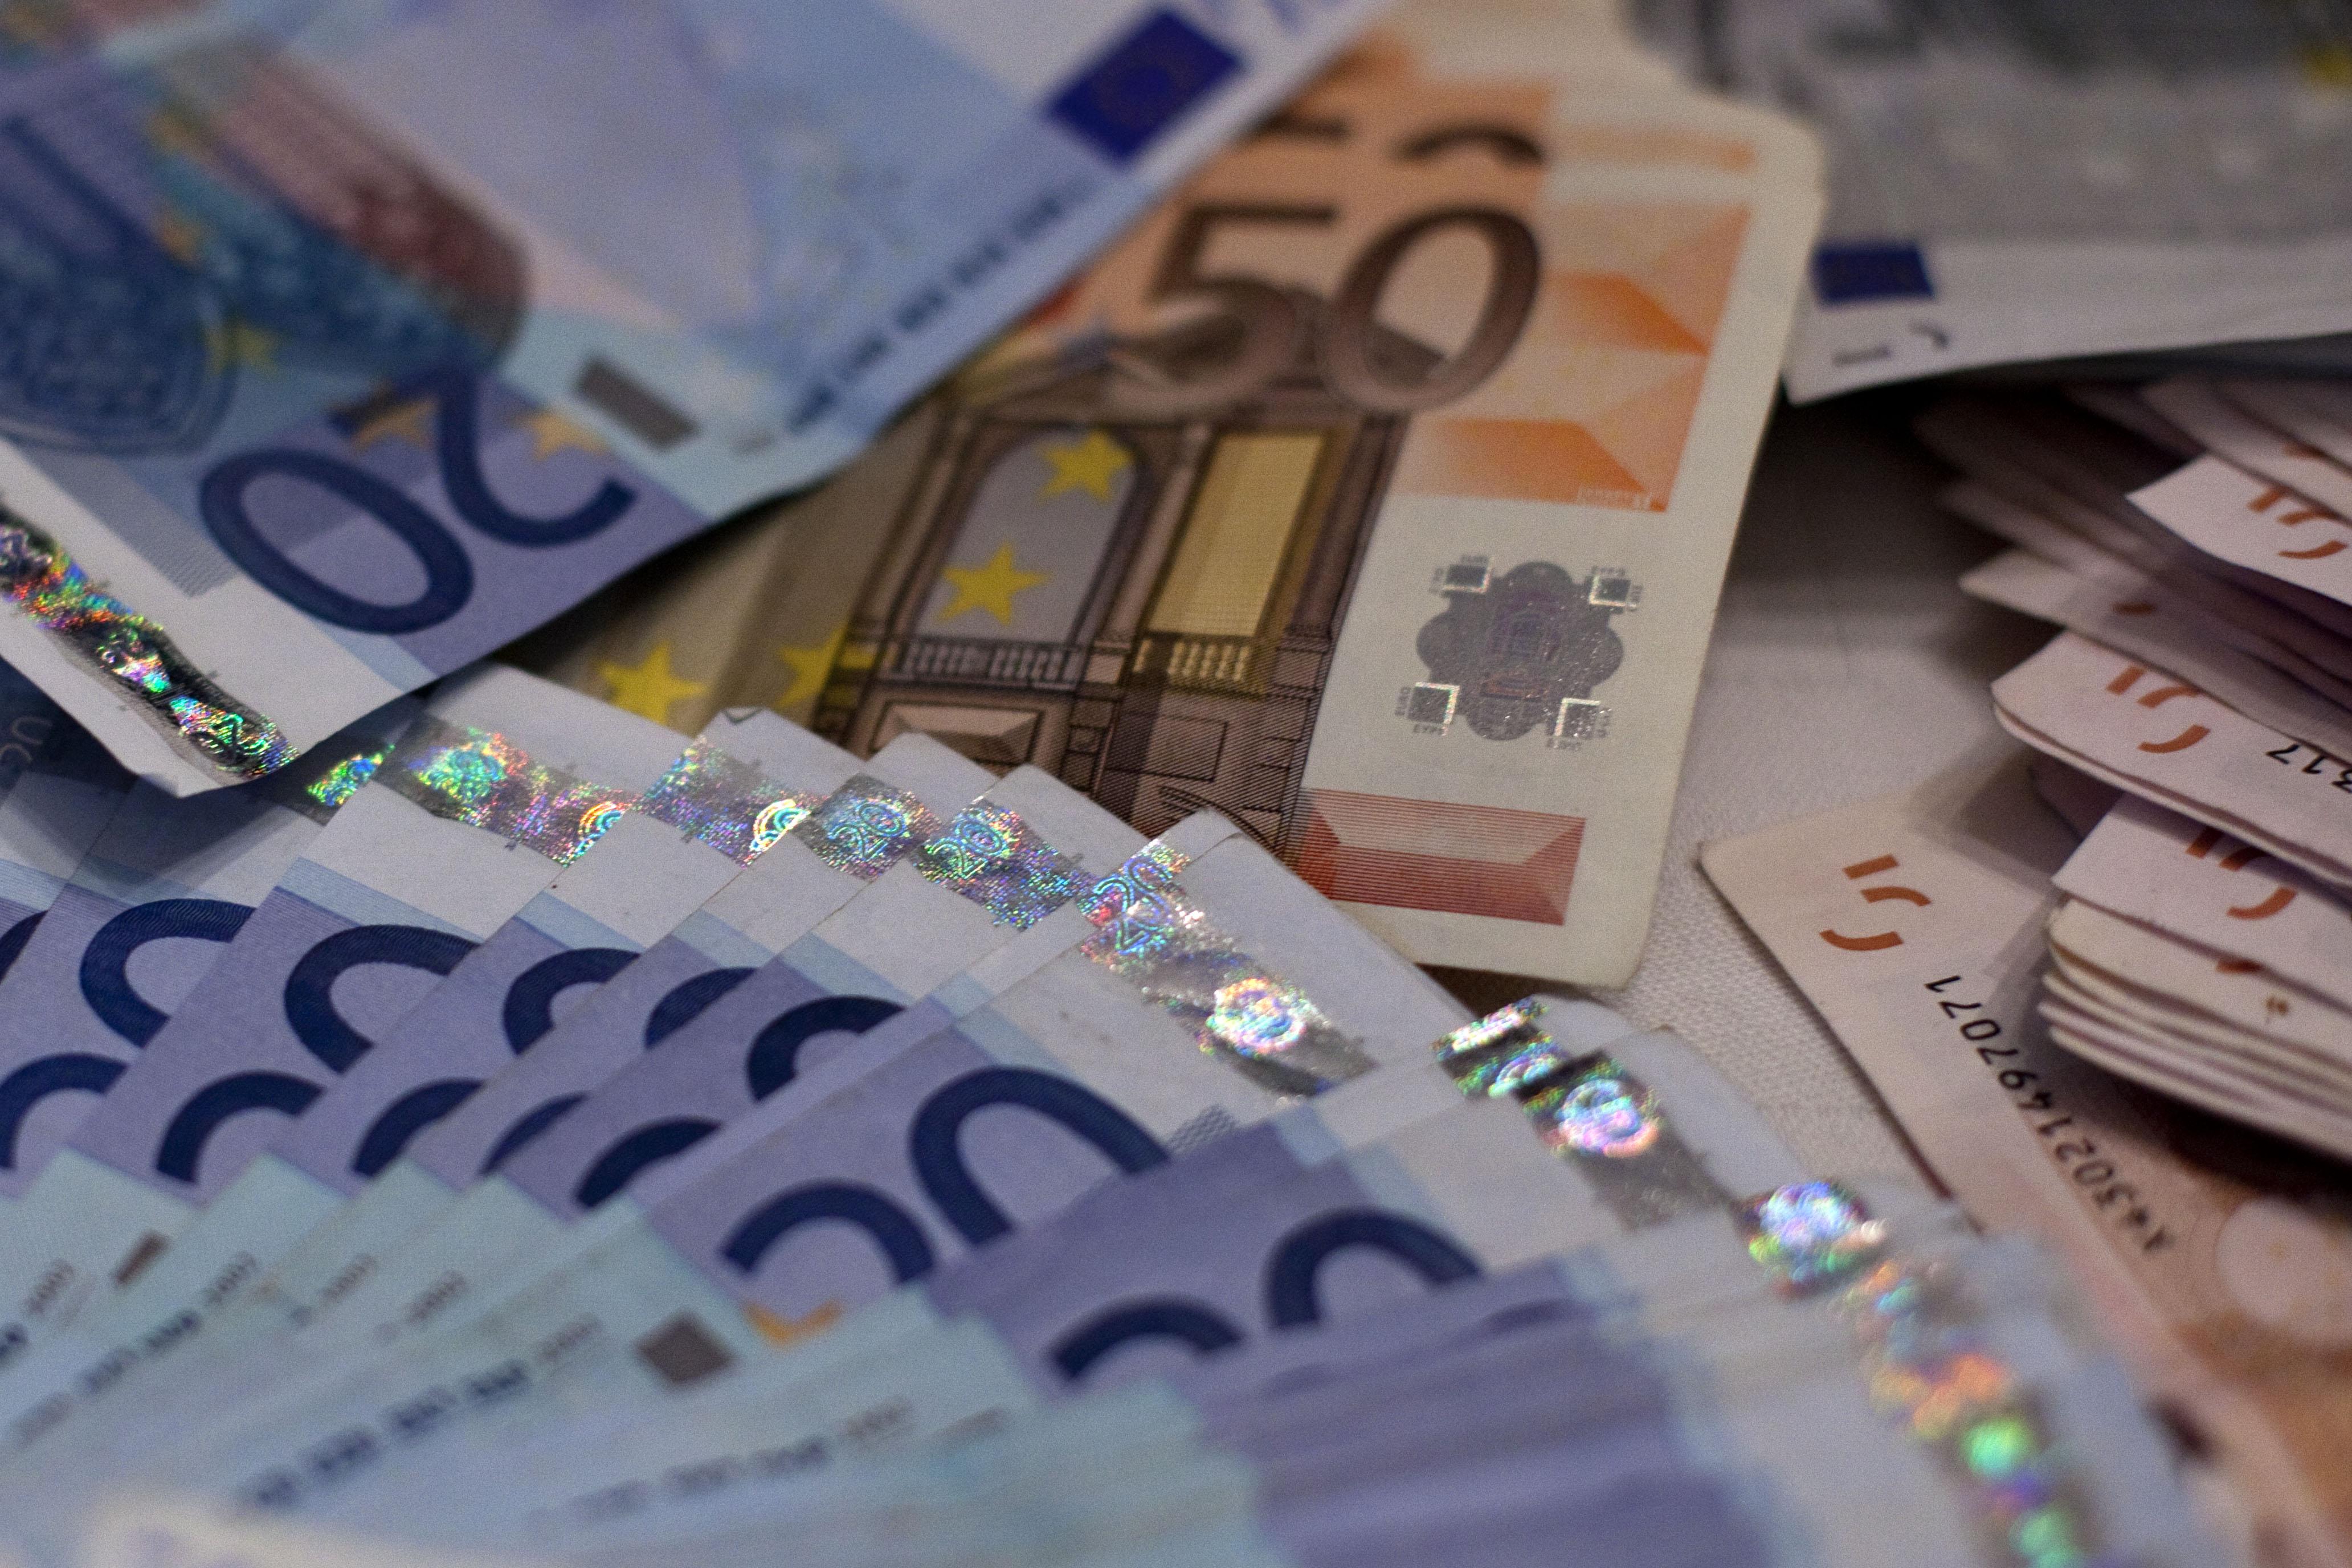 Vistos 'gold': Investimento cai 81% em maio para 27,7 ME